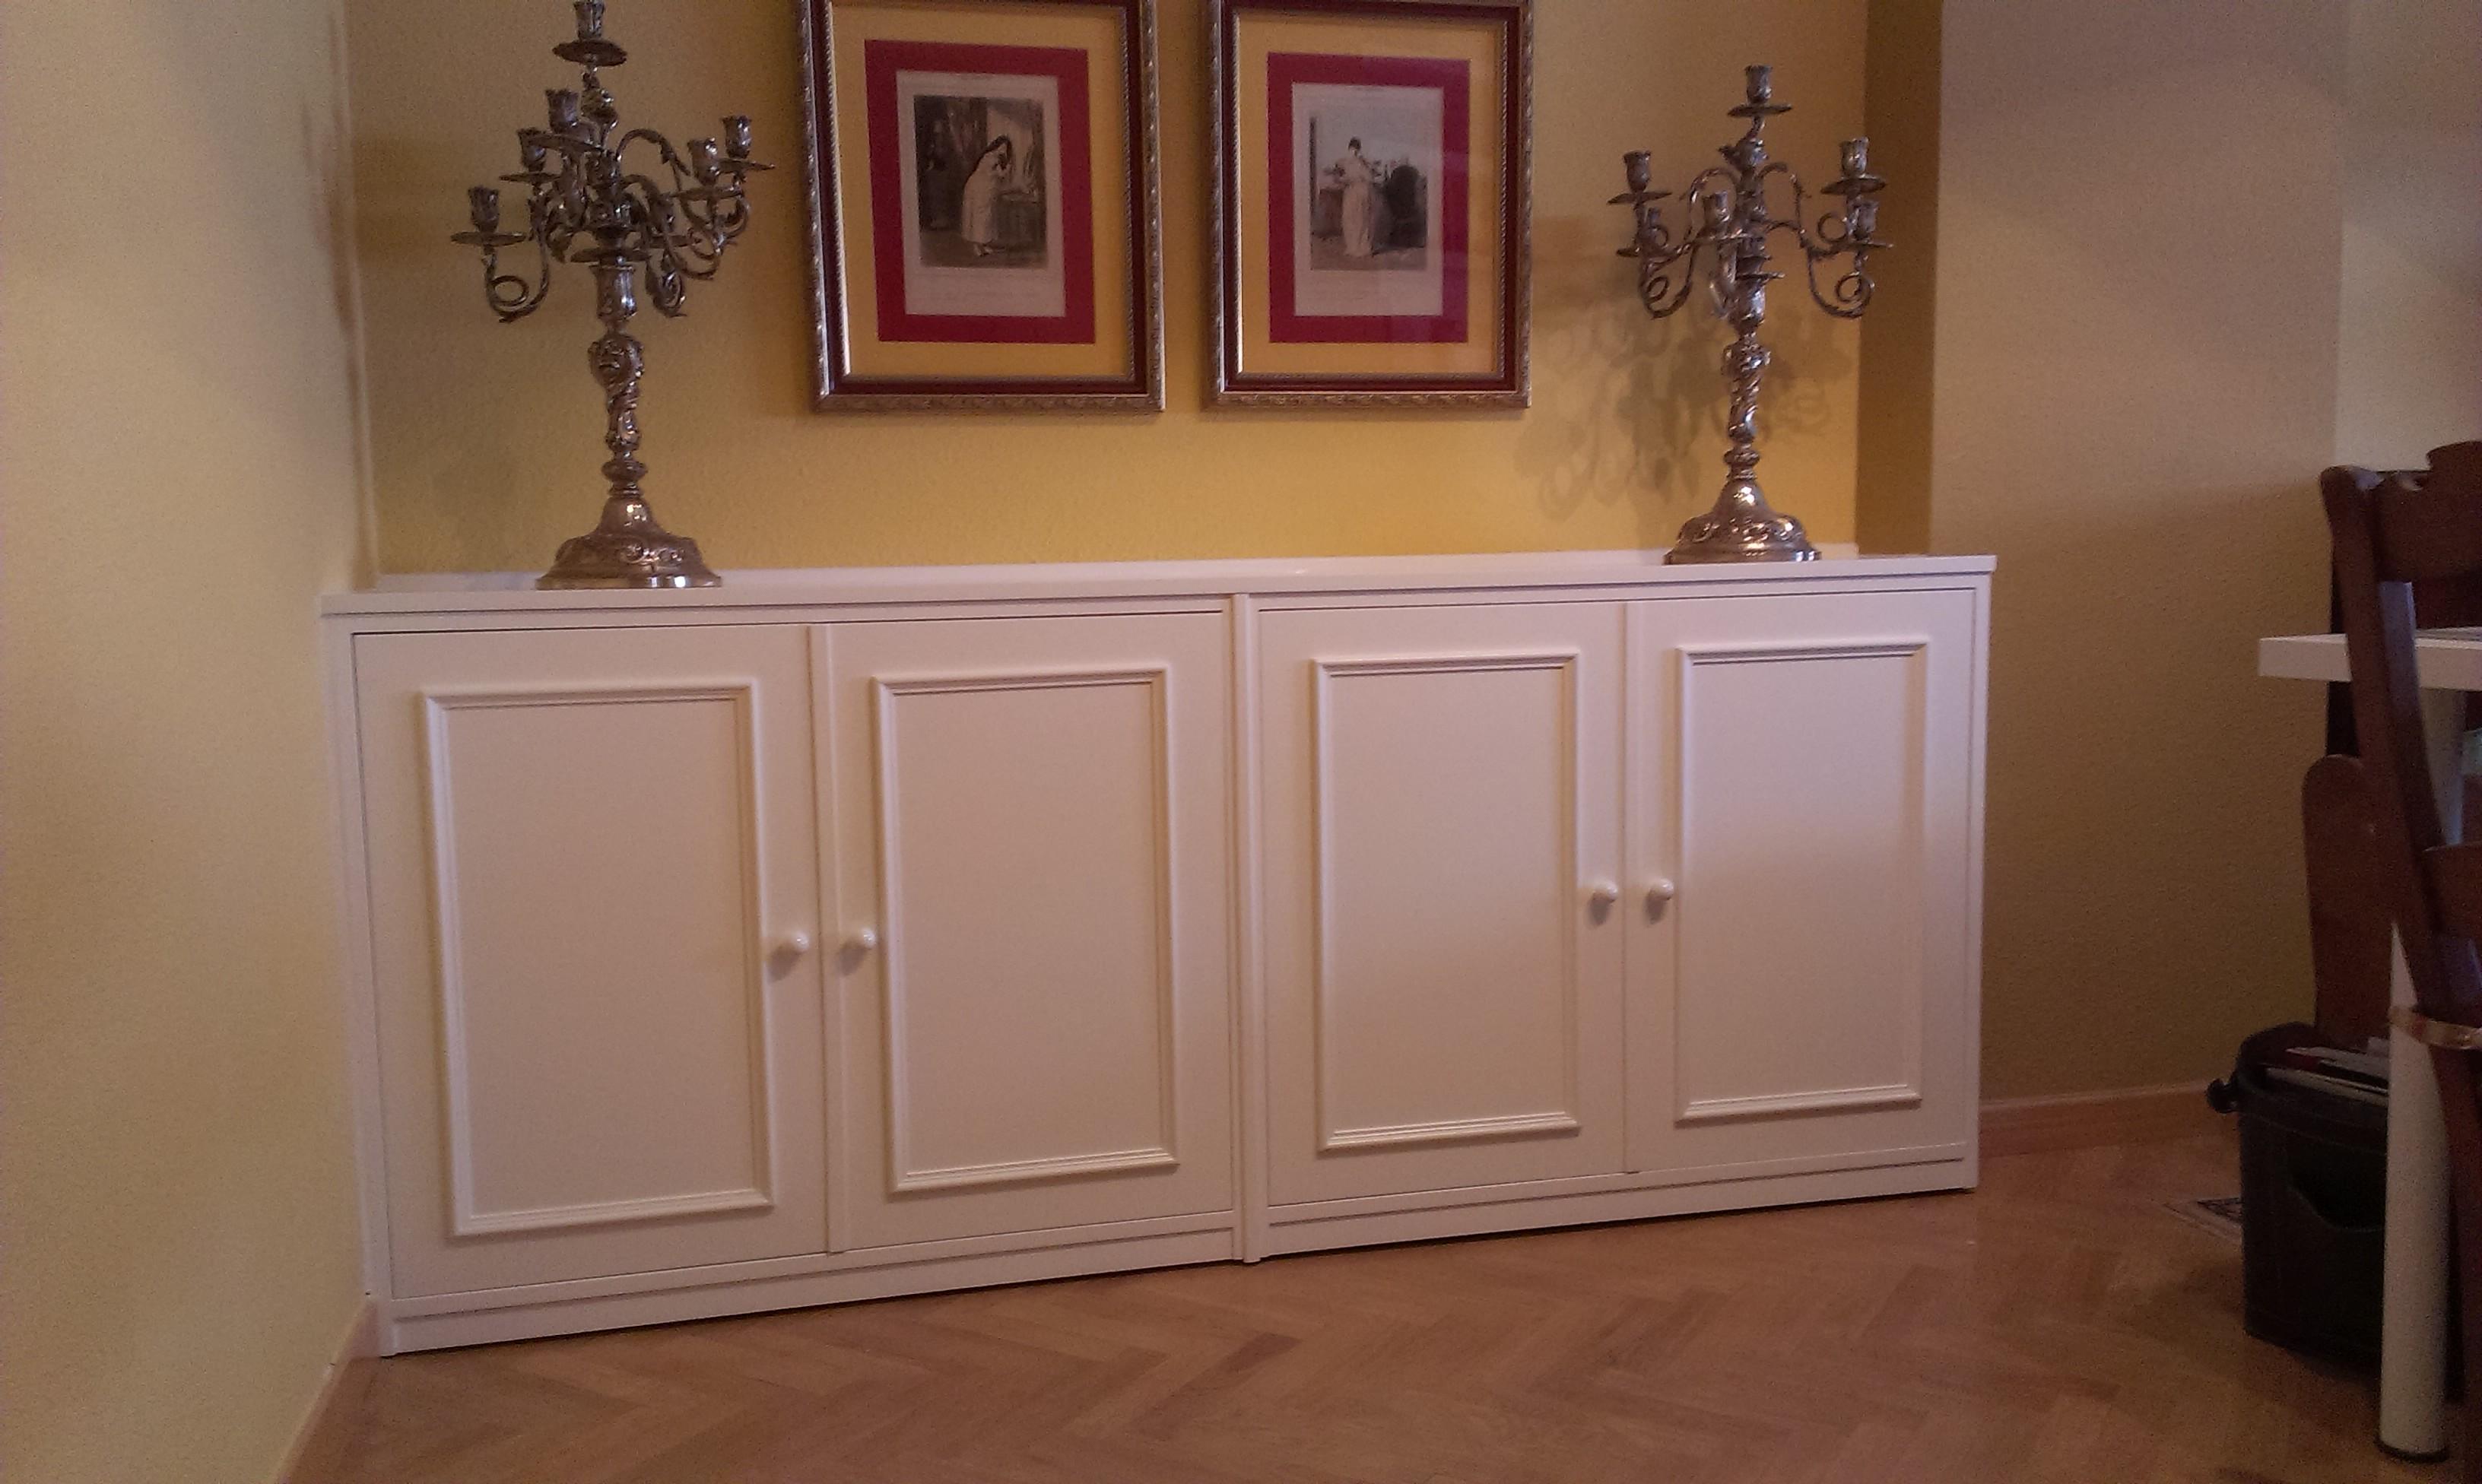 Mueble lacado blanco para sal n - Mueble lacado blanco ...